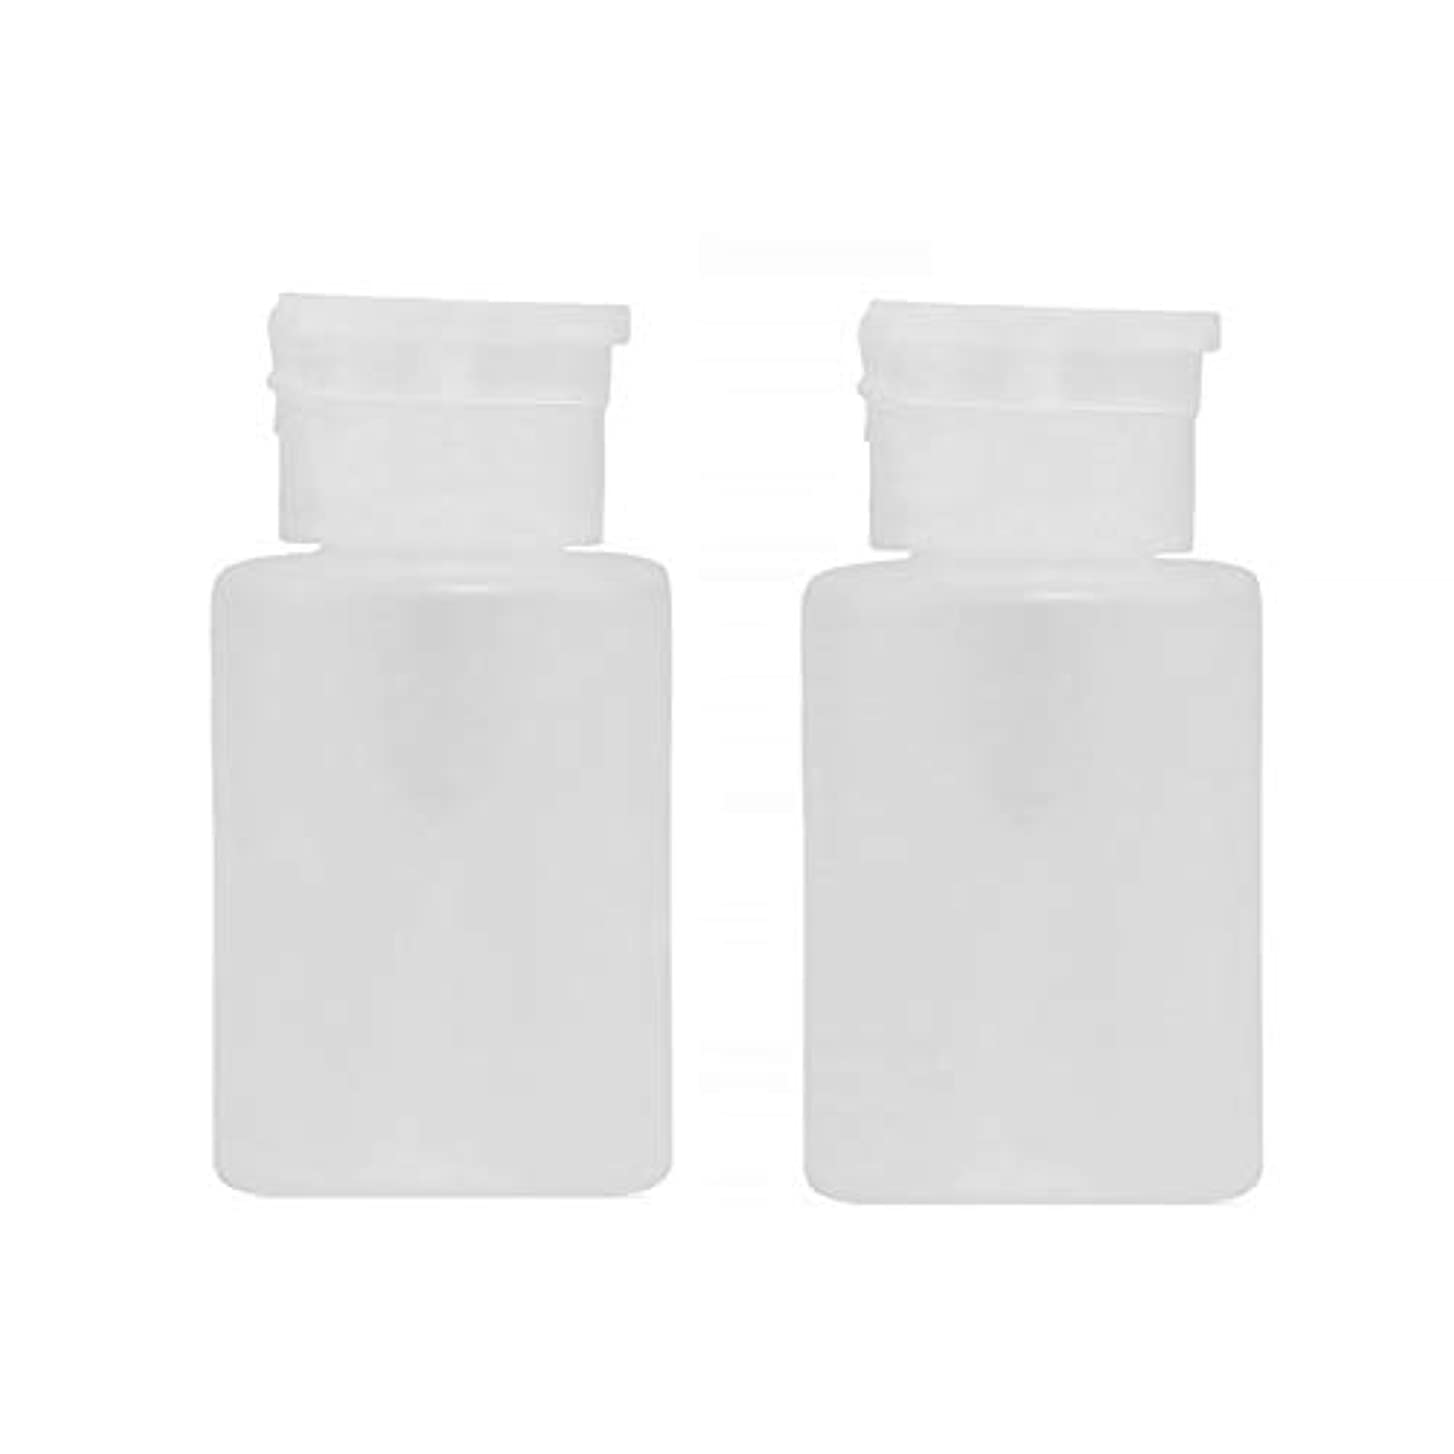 熟読する災難ミント120ミリリットルプロネイル吐出ポンプボトル、空のプラスチックボトルクリア化粧ケースホワイト2